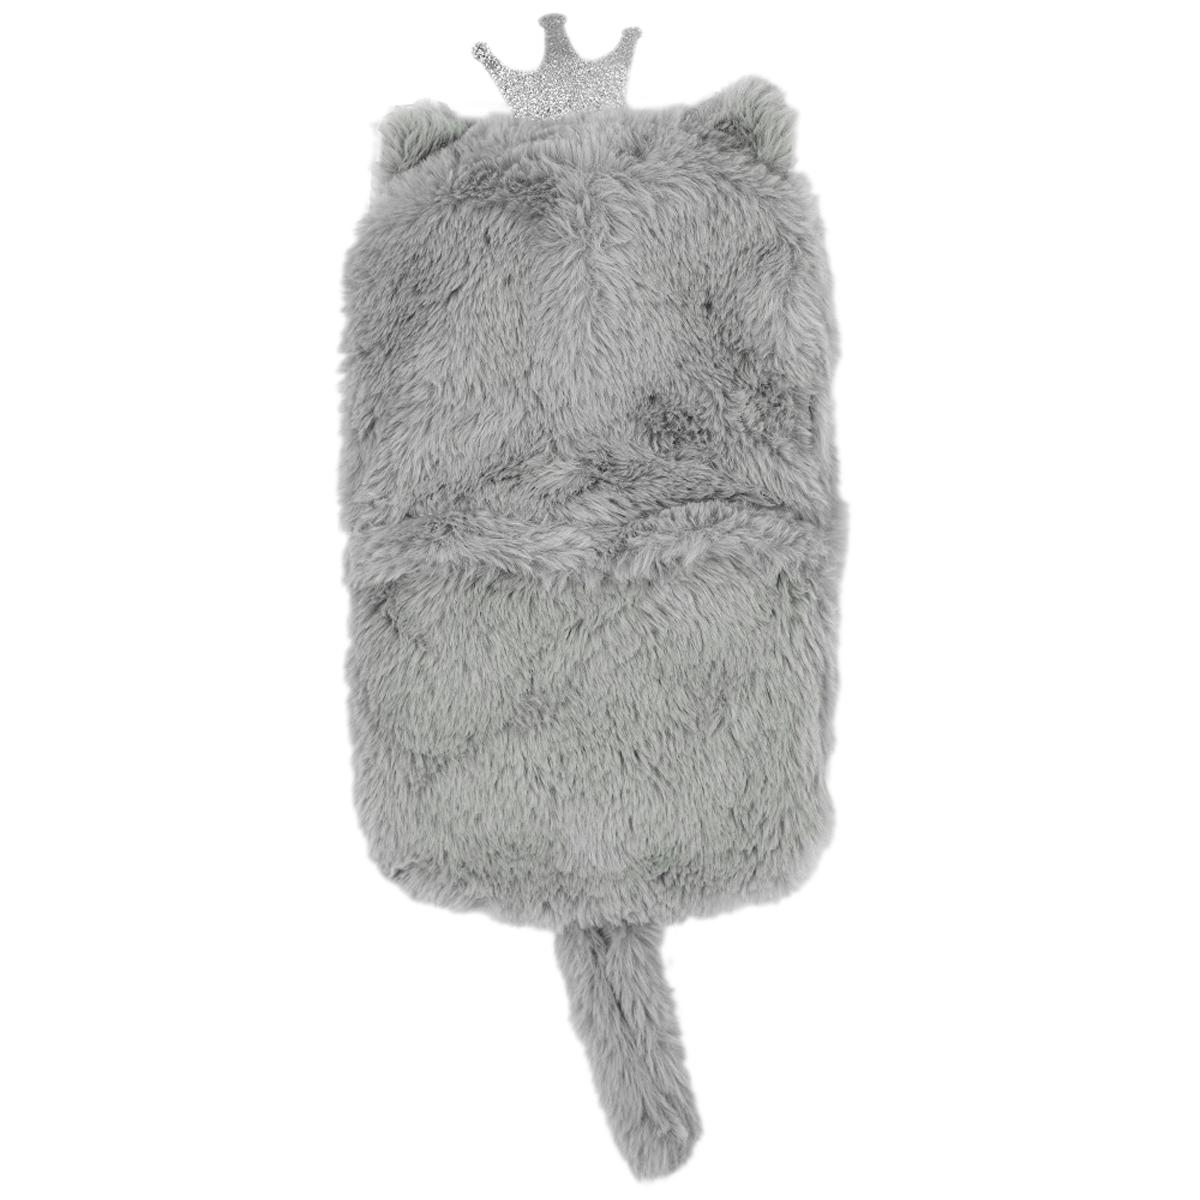 Bouillotte peluche \'Animaux\' gris (chat) - 28x17 cm (1L) - [A1804]